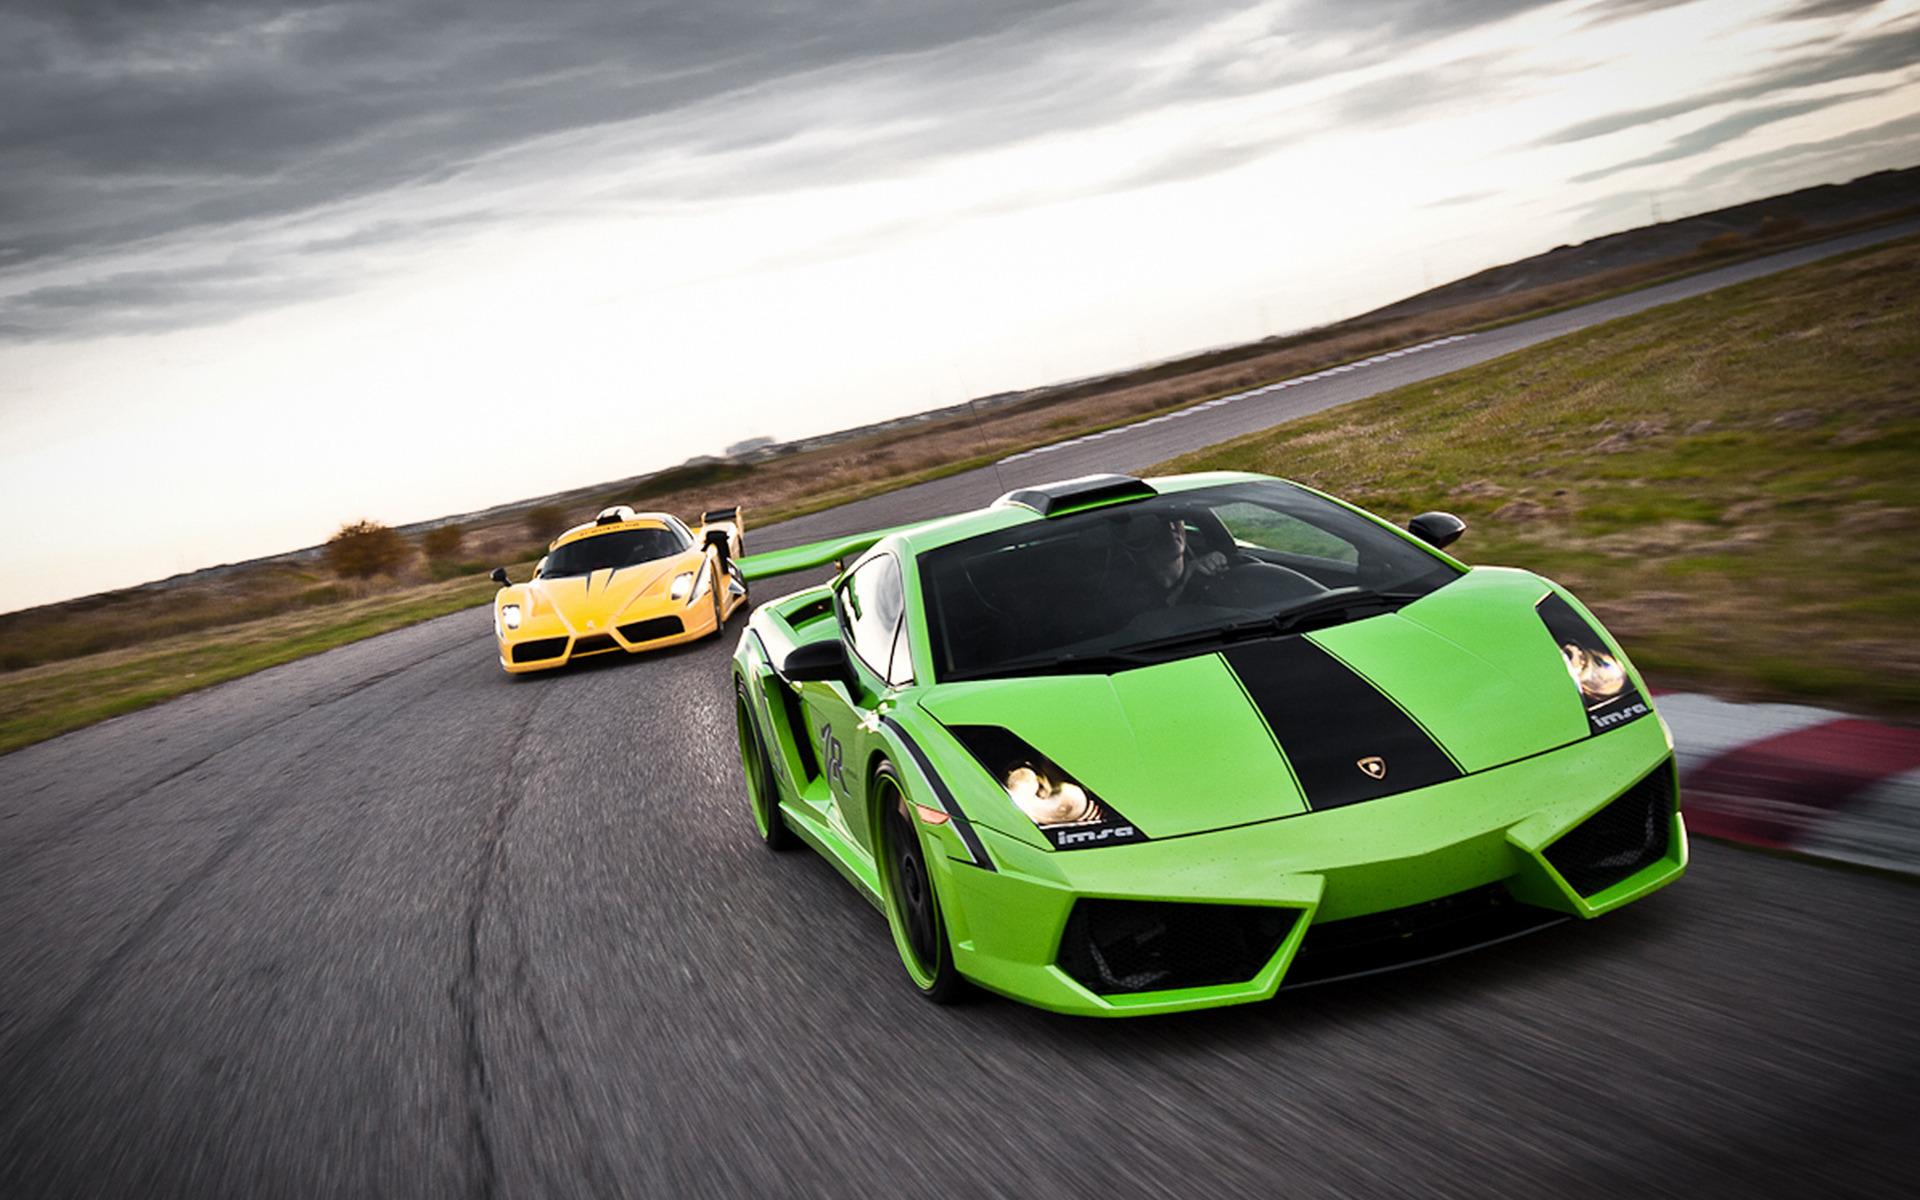 Милые картинки, крутые картинки гоночных машин